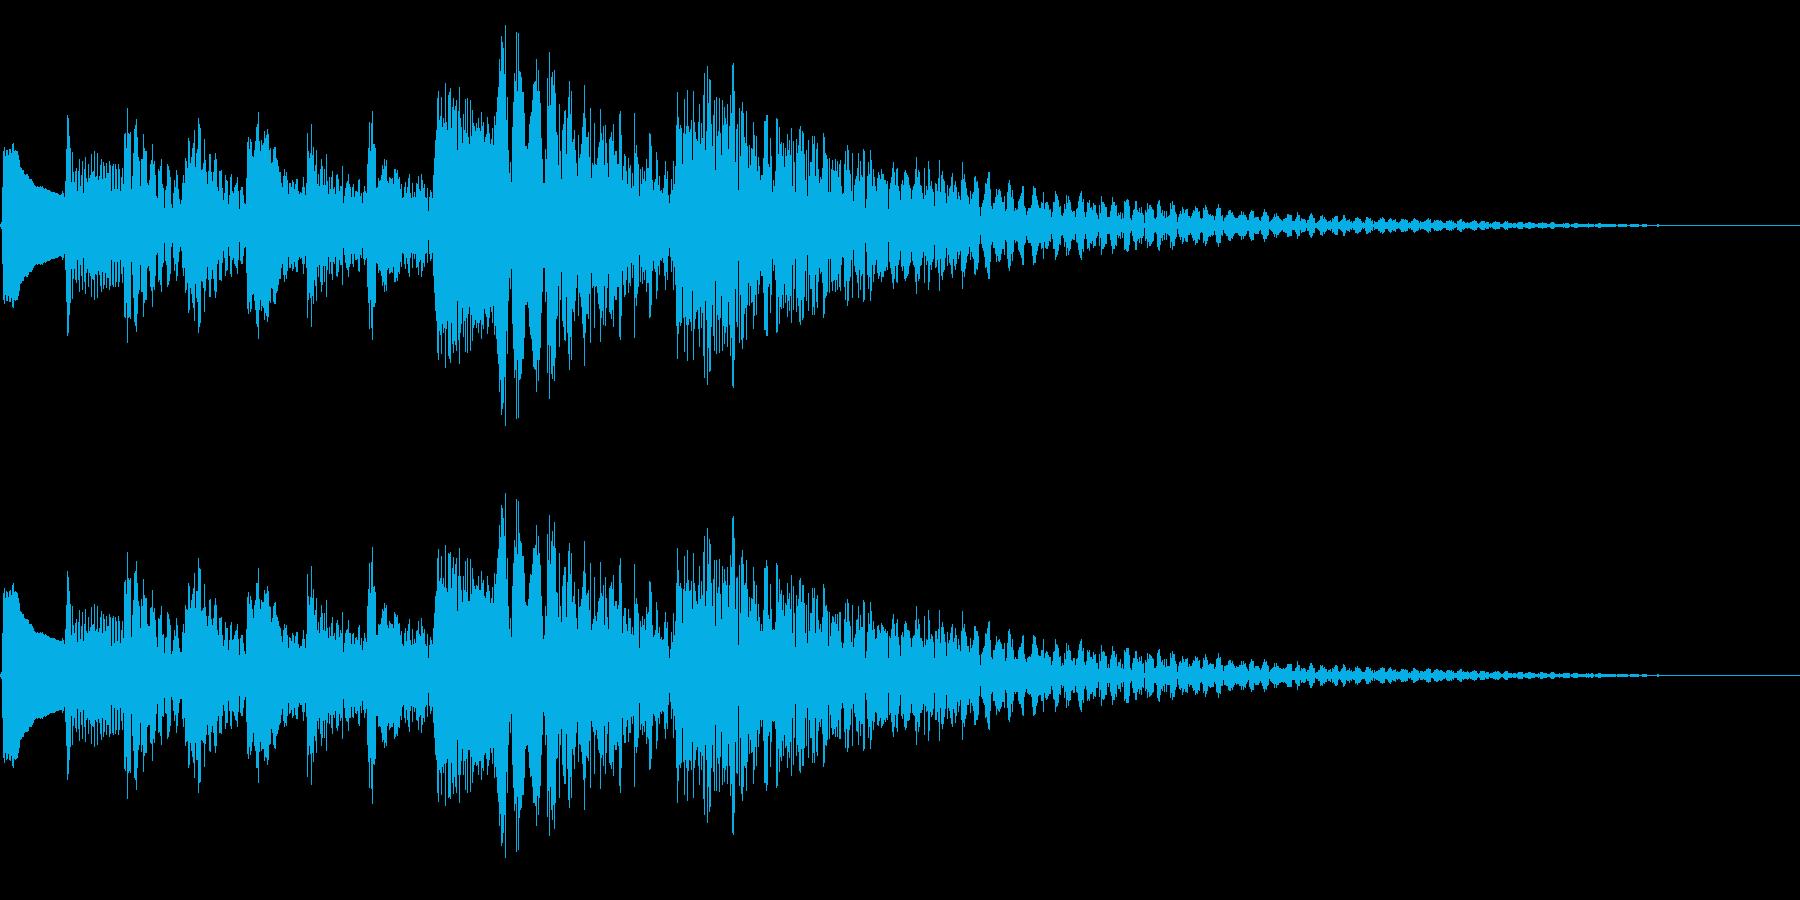 テレレレレン↓ 琴 下降の再生済みの波形